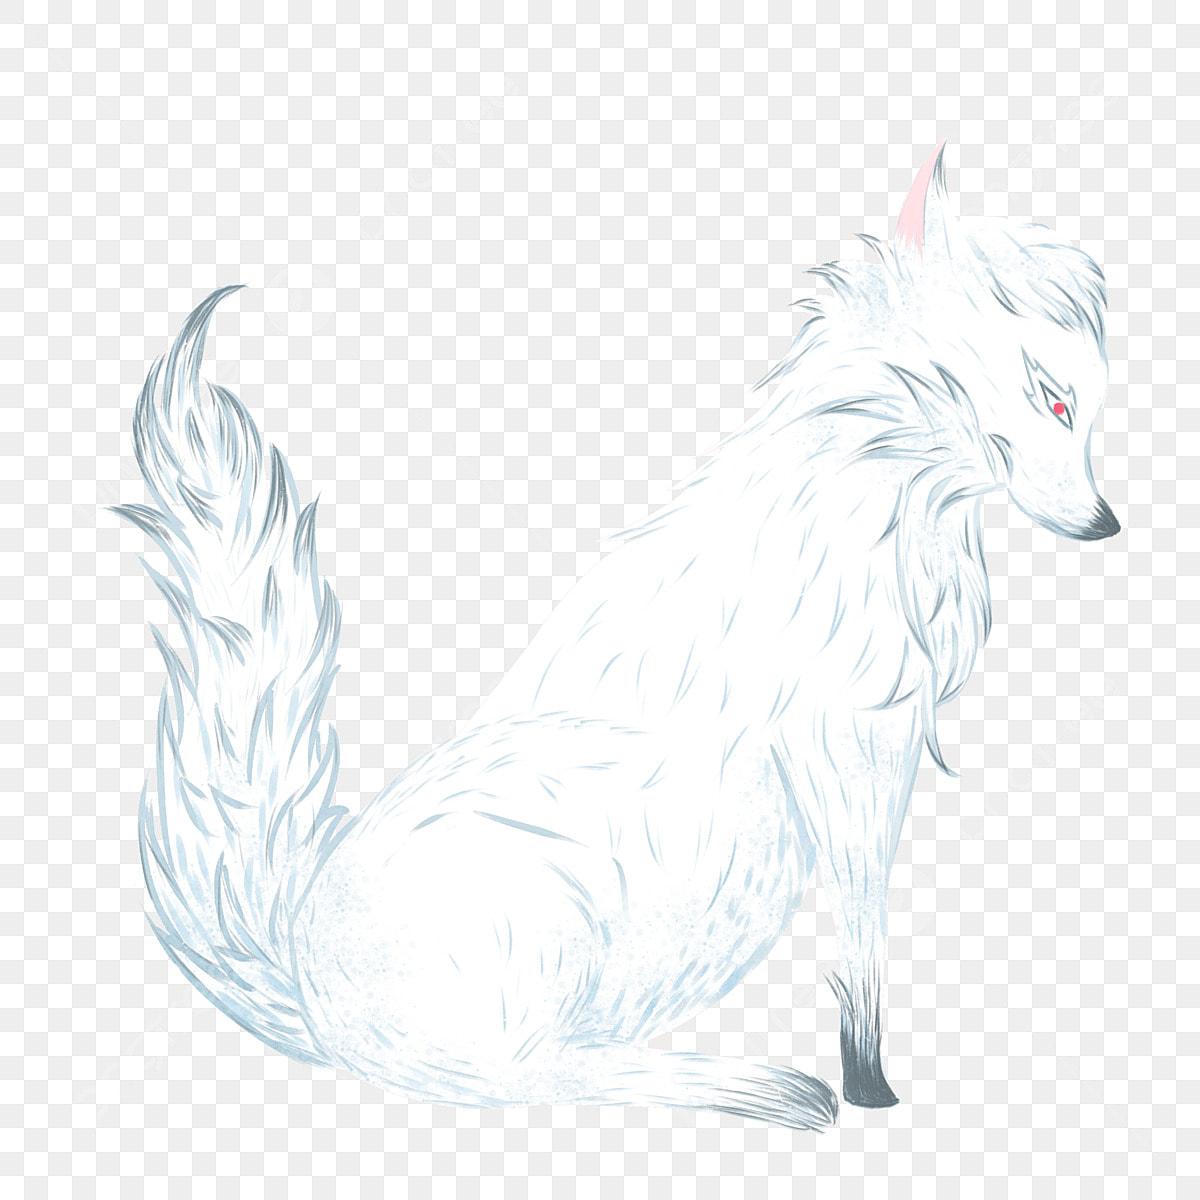 Un Dessin Anime De Loup Avec Des Elements Commerciaux Facile Blanc Dessin Anime Fichier Png Et Psd Pour Le Telechargement Libre